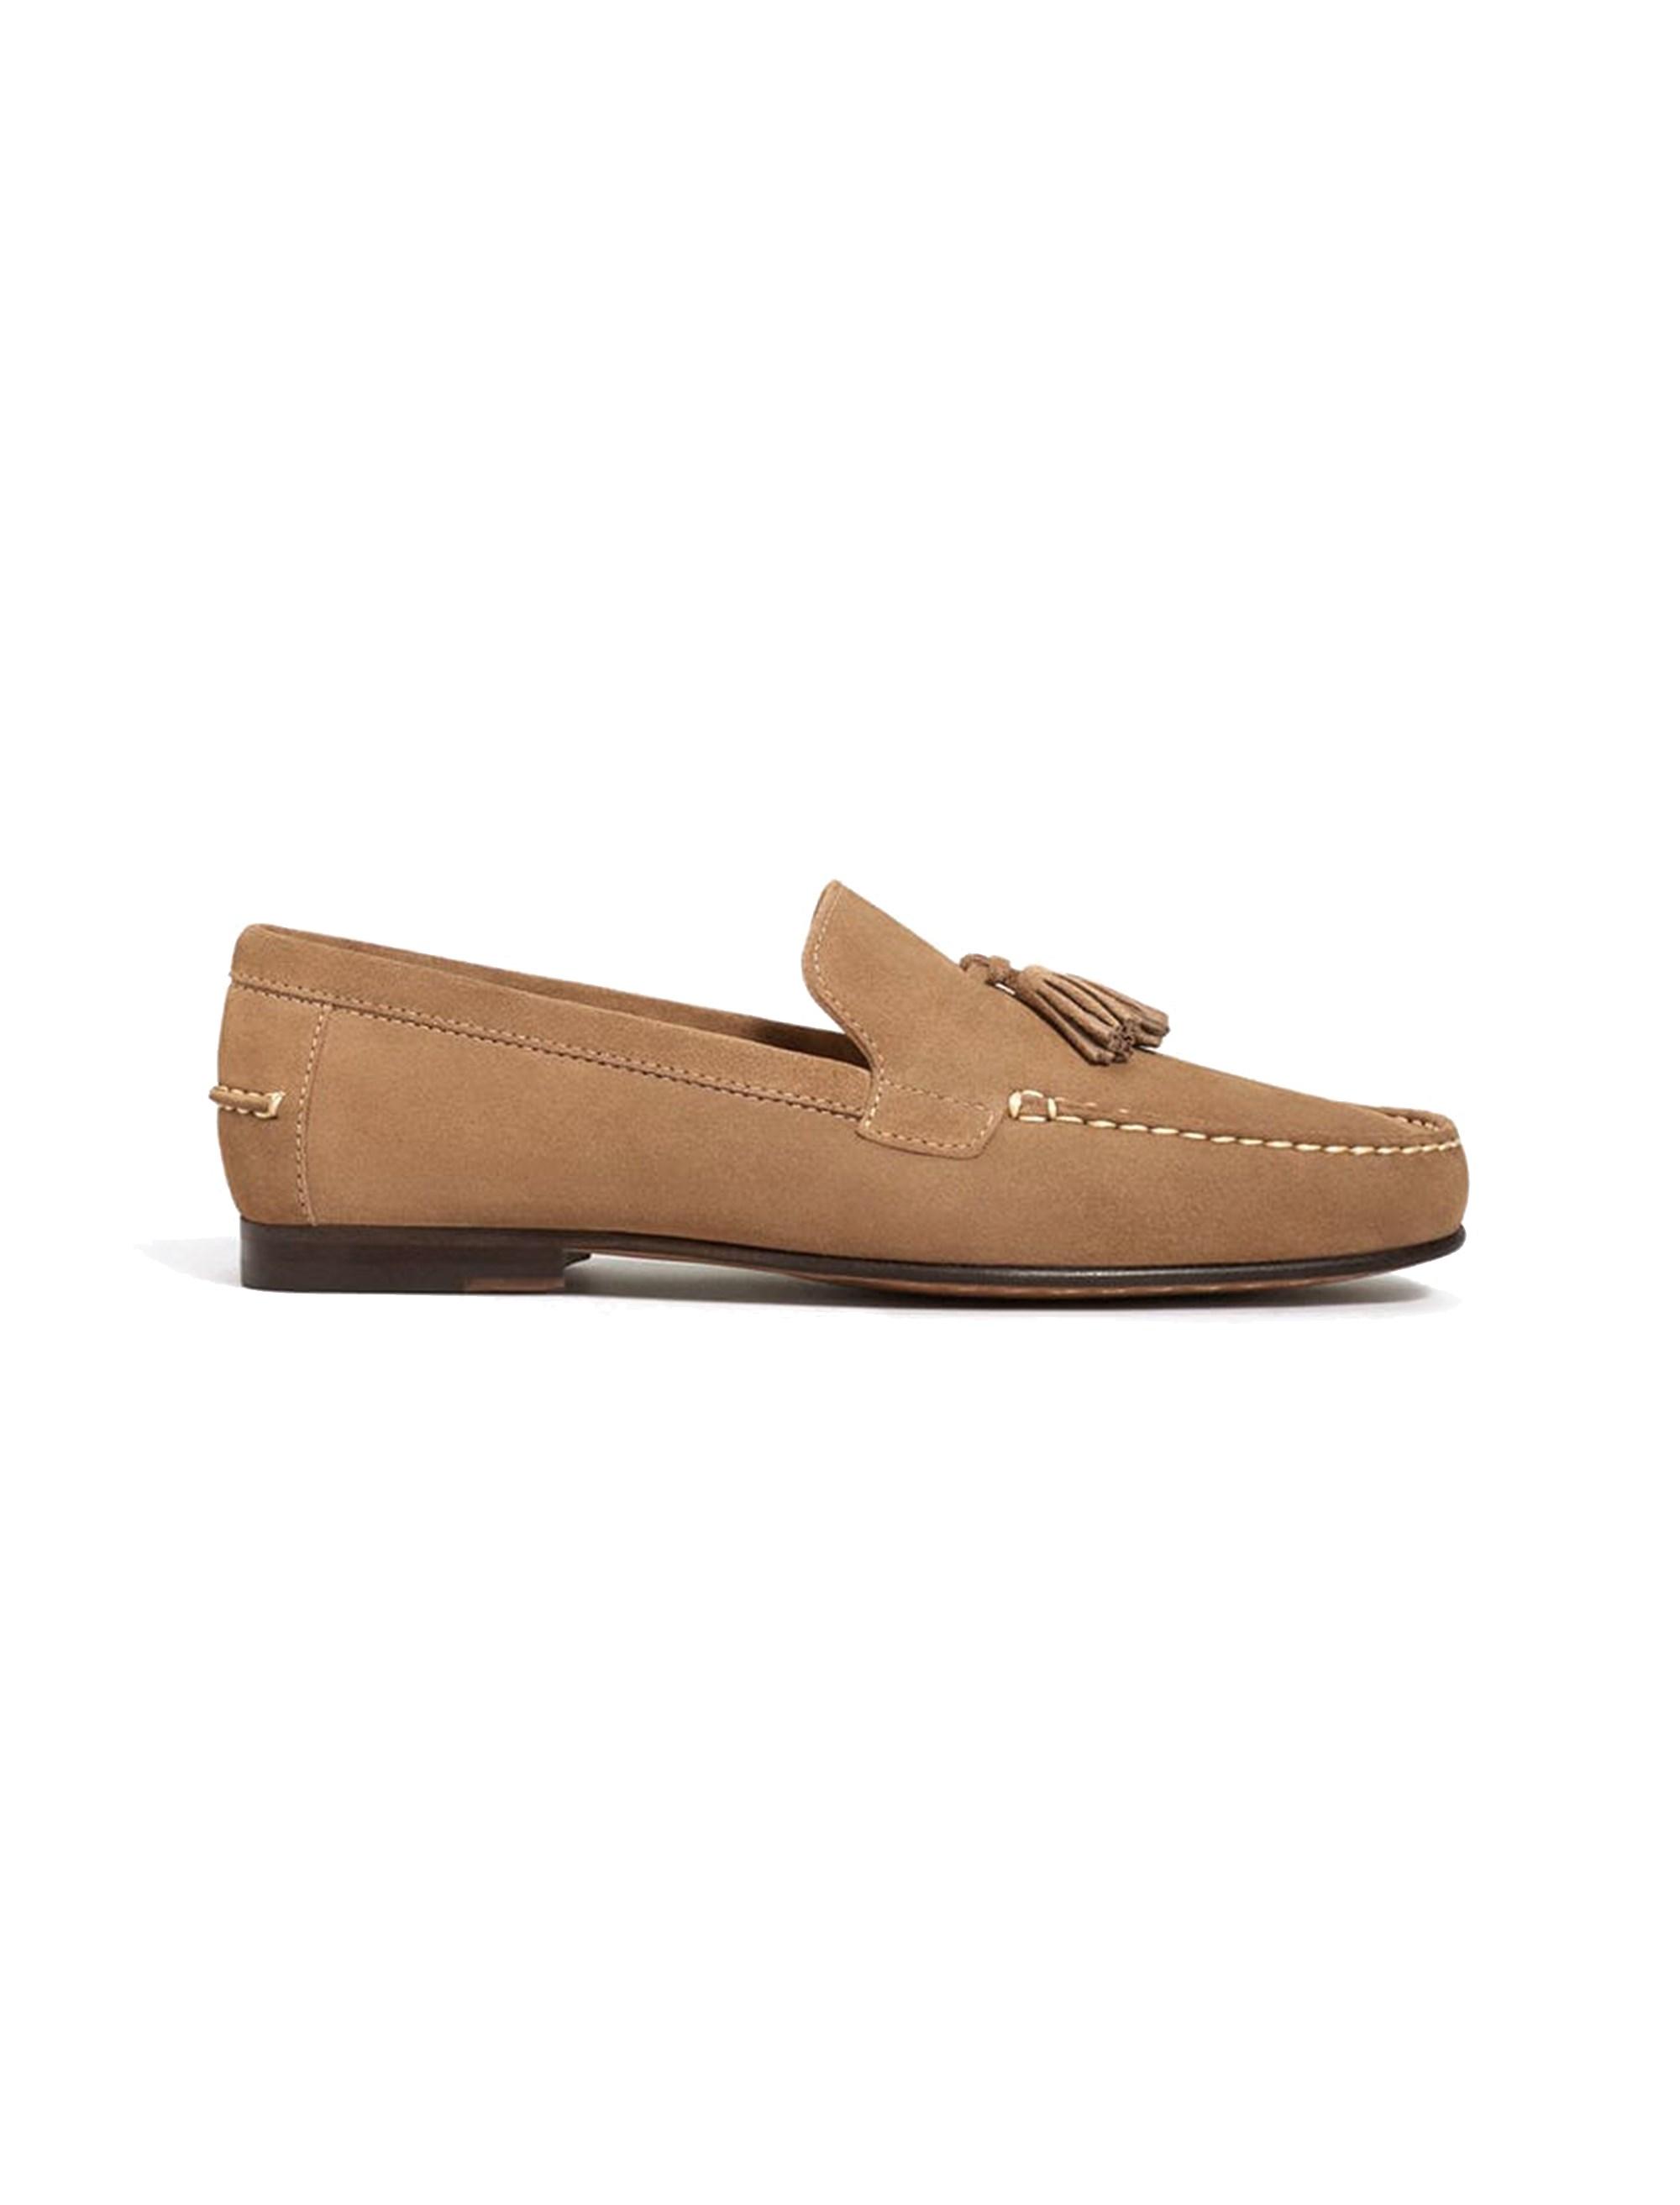 قیمت کفش راحتی جیر مردانه - مانگو